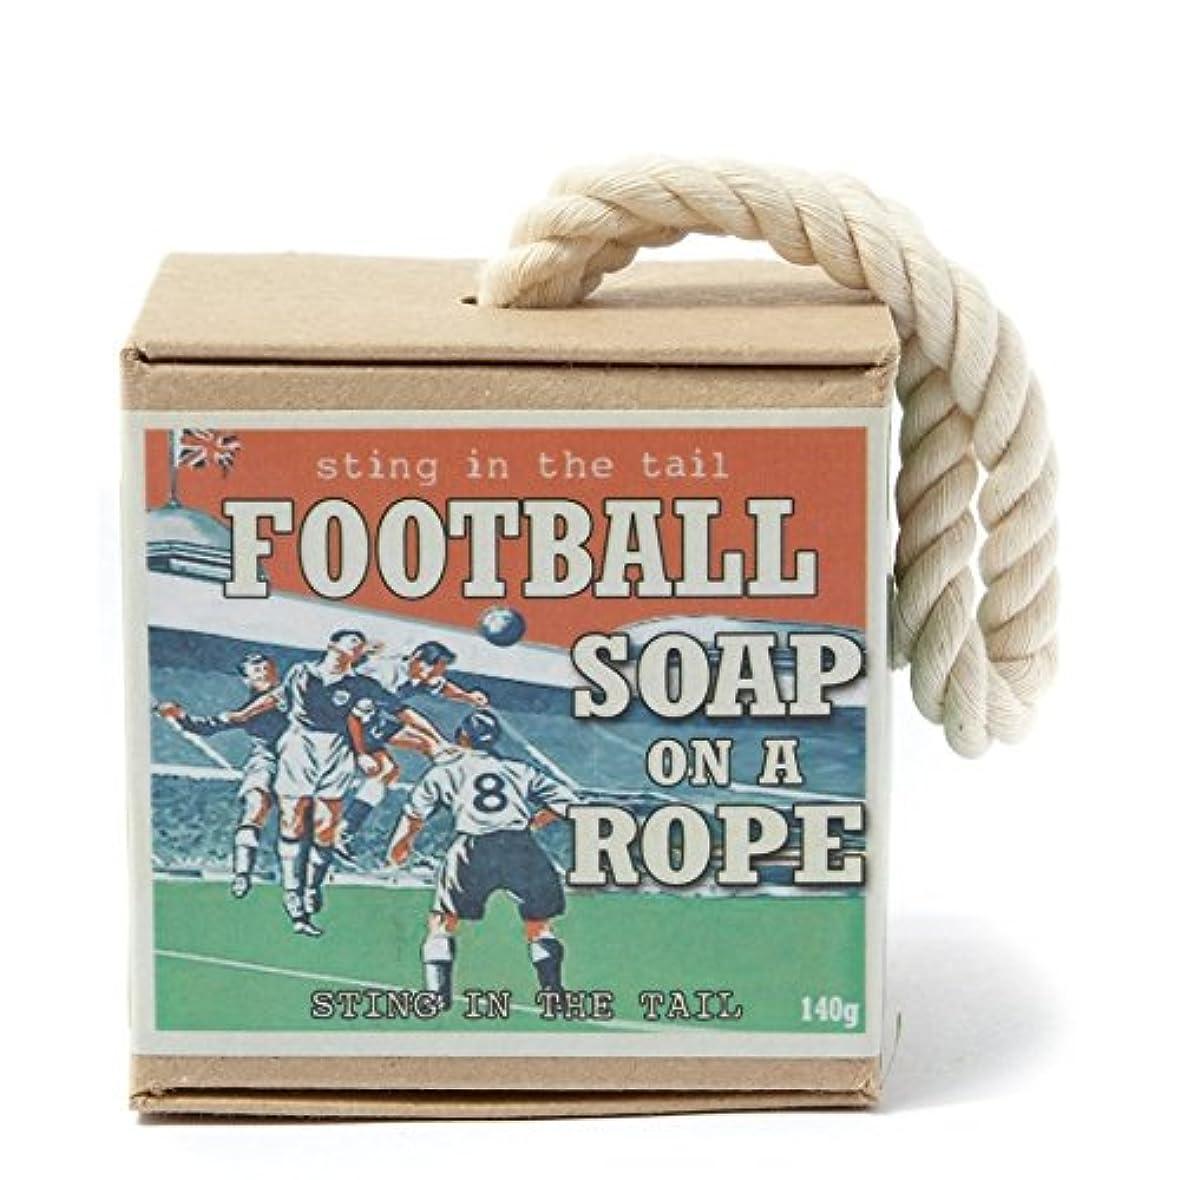 テレックスはしごボランティアロープ石鹸のテールサッカーで刺します x4 - Sting In The Tail Football on a Rope Soap (Pack of 4) [並行輸入品]